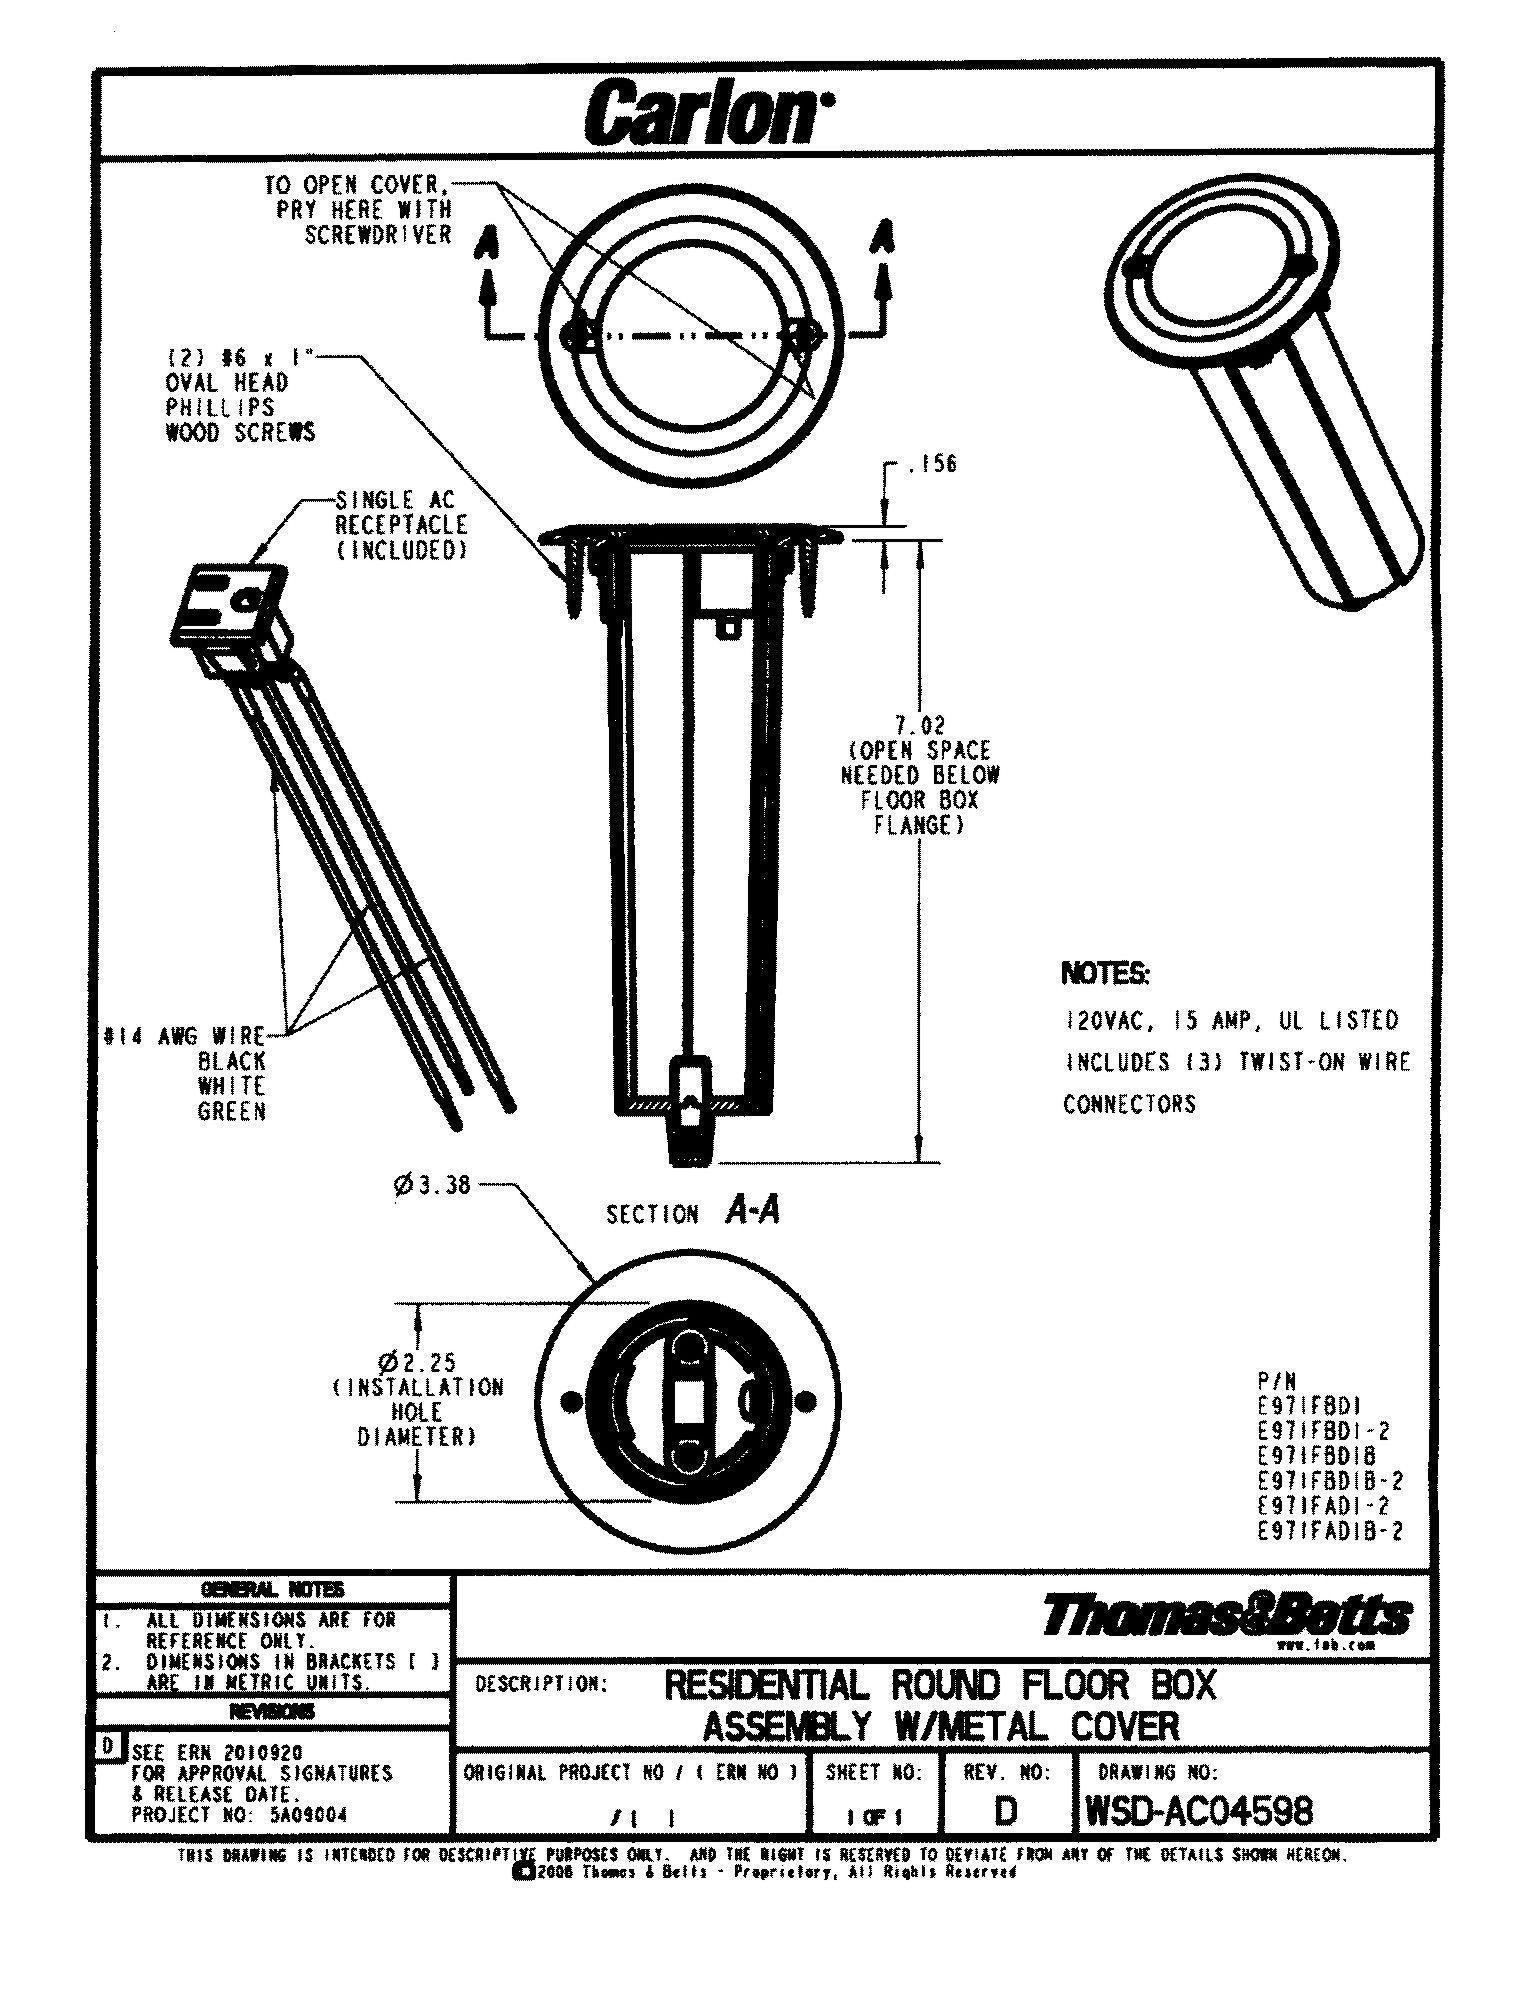 Apc E971fbdi 2